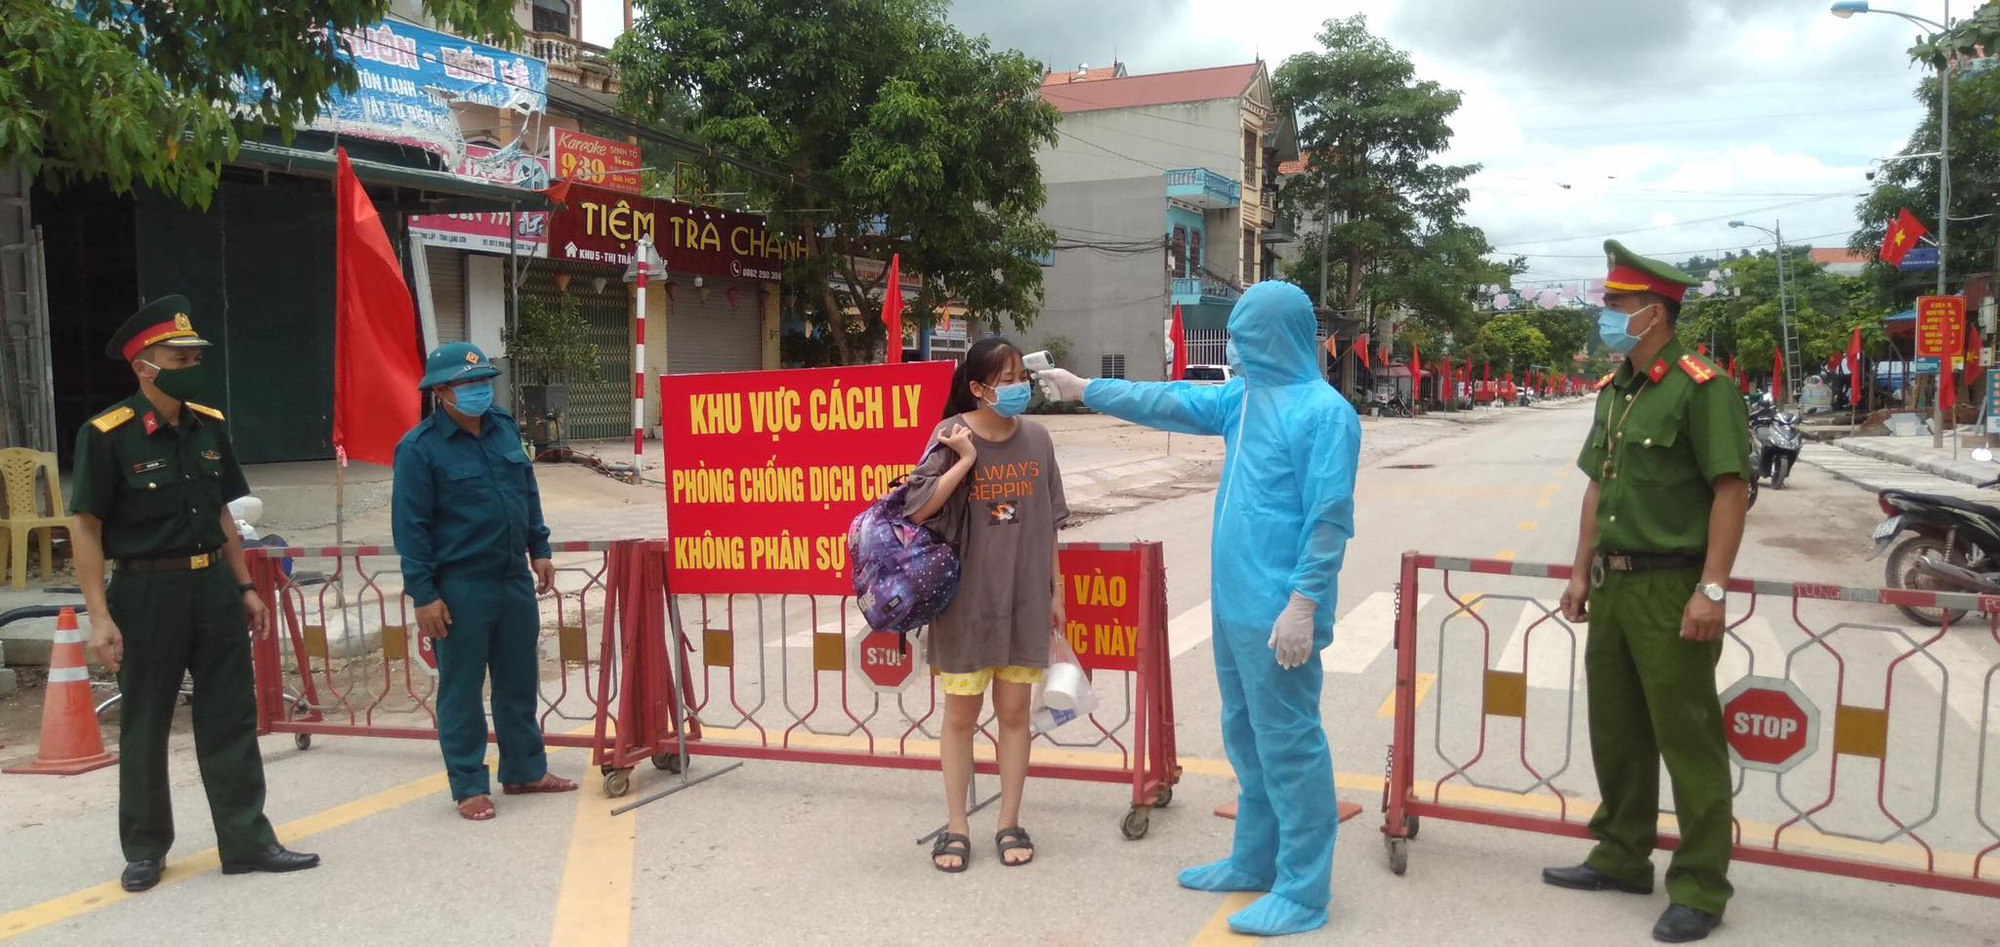 4 ca dương tính, Lạng Sơn lập 3 chốt kiểm dịch tại cửa ngõ huyện Đình Lập - Ảnh 2.